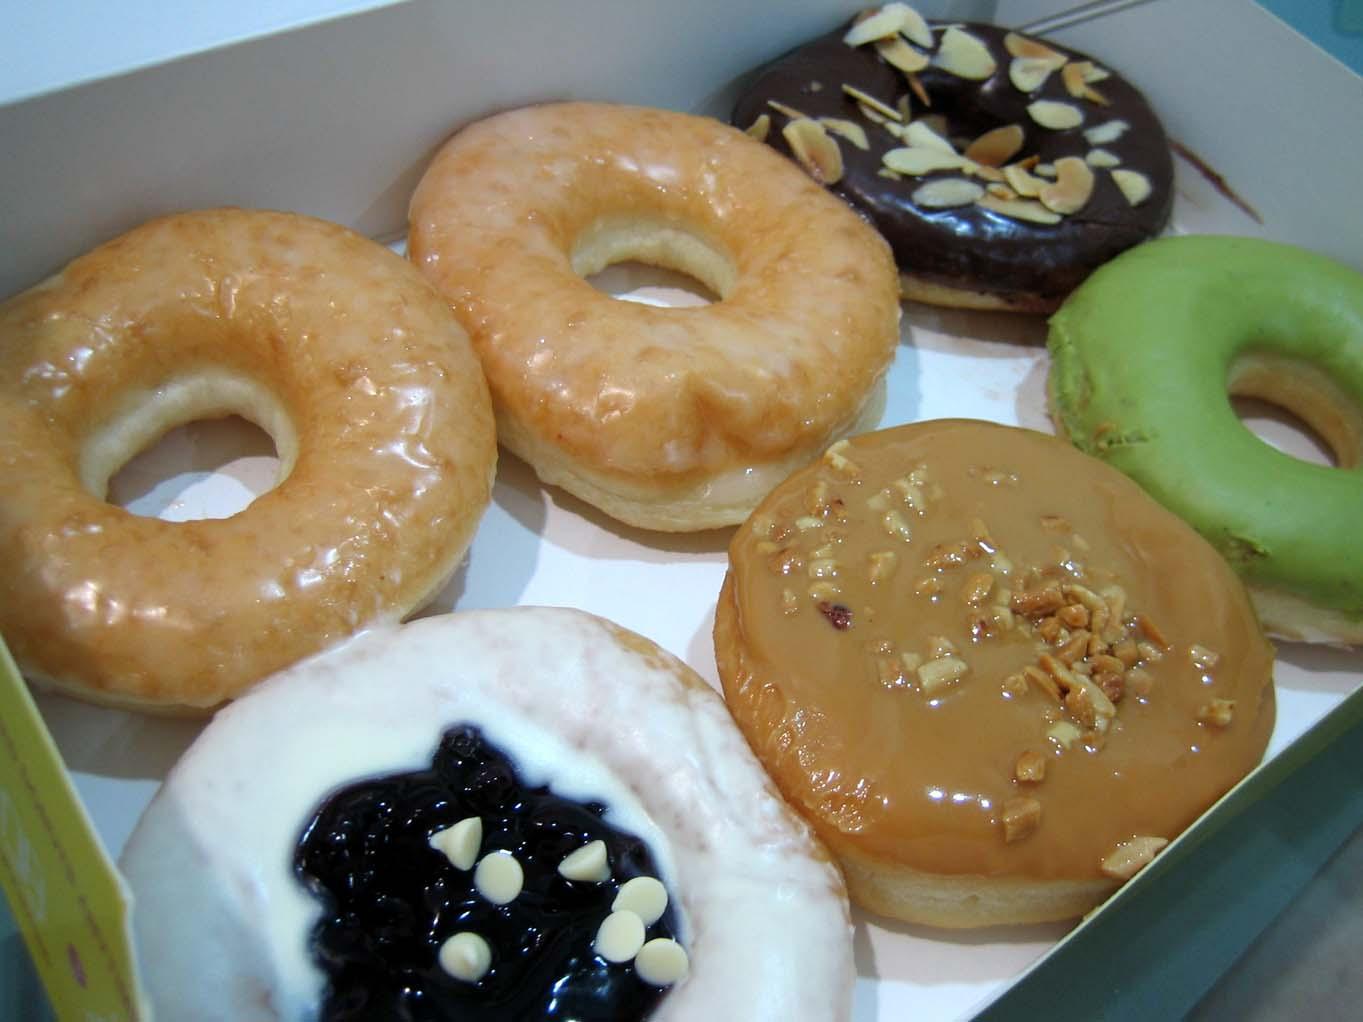 Missy Donut4